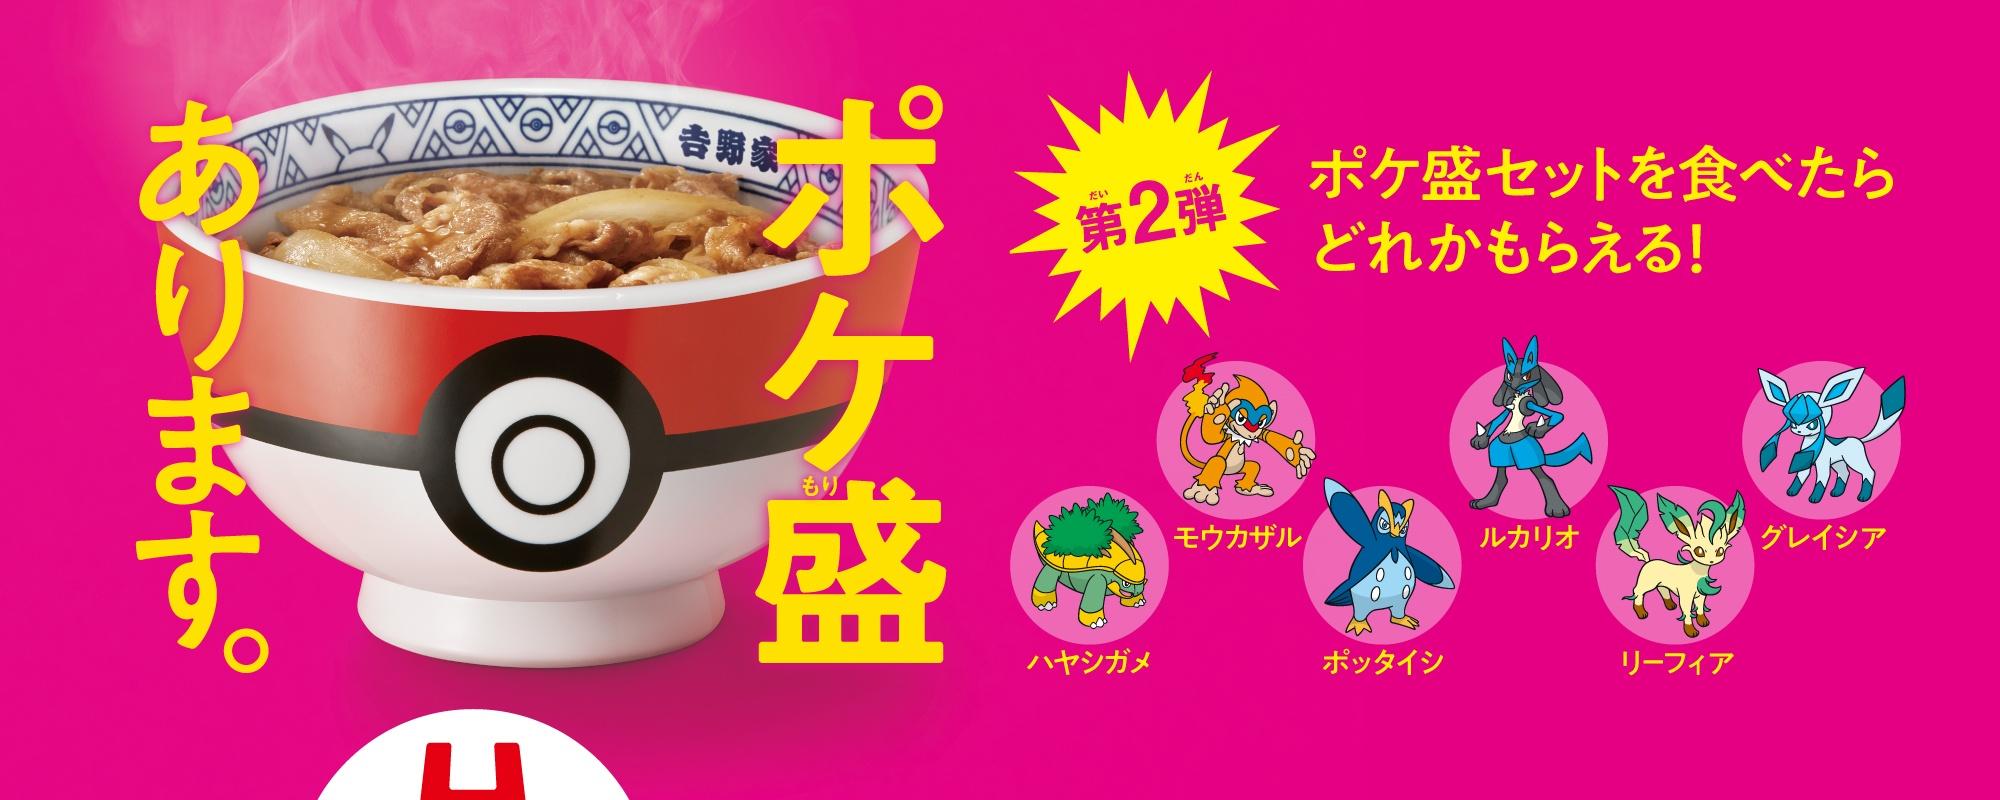 ポケ盛、第2弾登場! | ポケ盛セットを食べてポケモンフィギュアをゲットしよう!